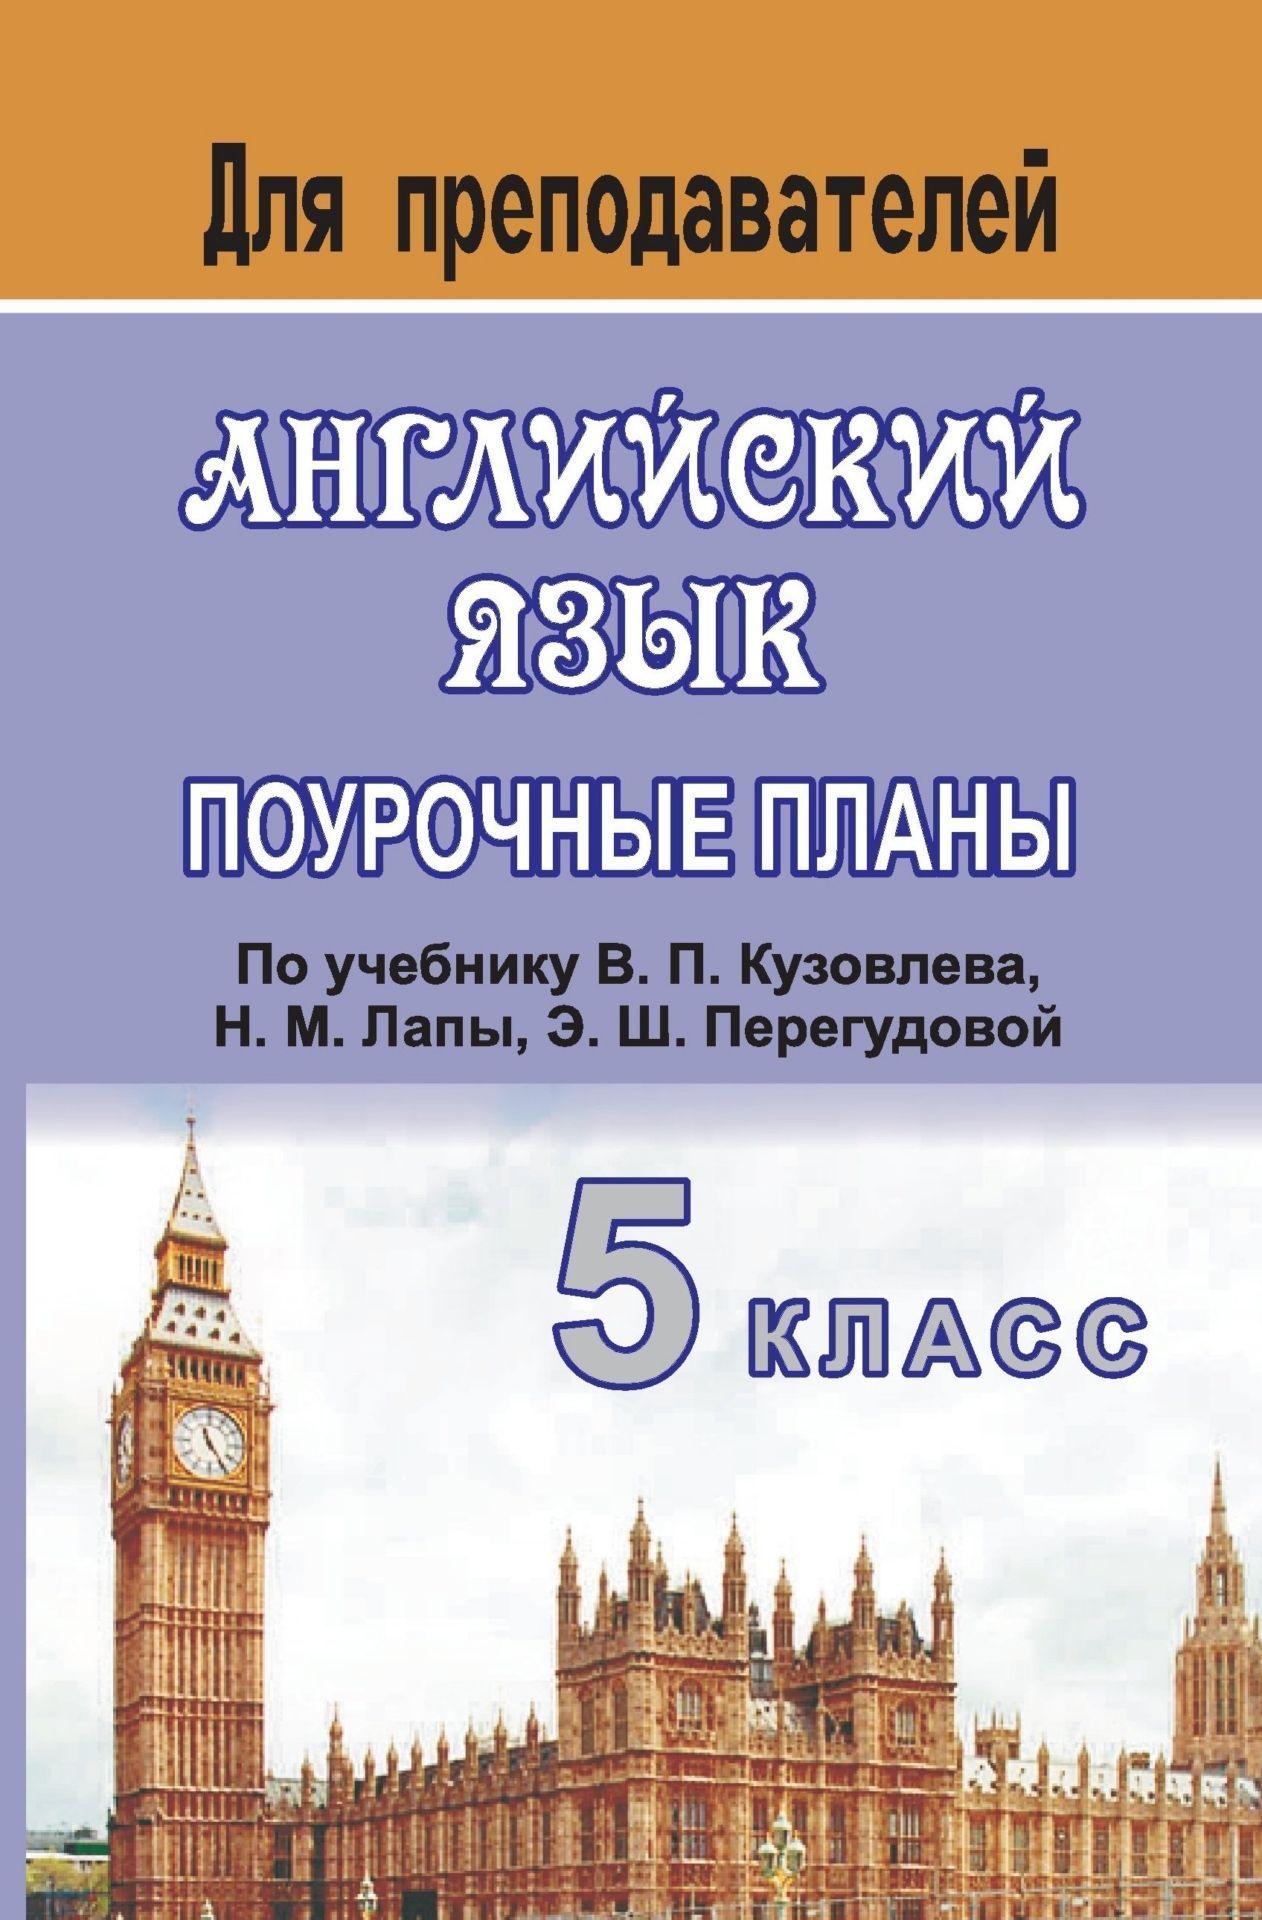 """Английский язык. 5 класс: поурочные планы по учебнику В. П. Кузовлева и др. """"English - 5"""""""